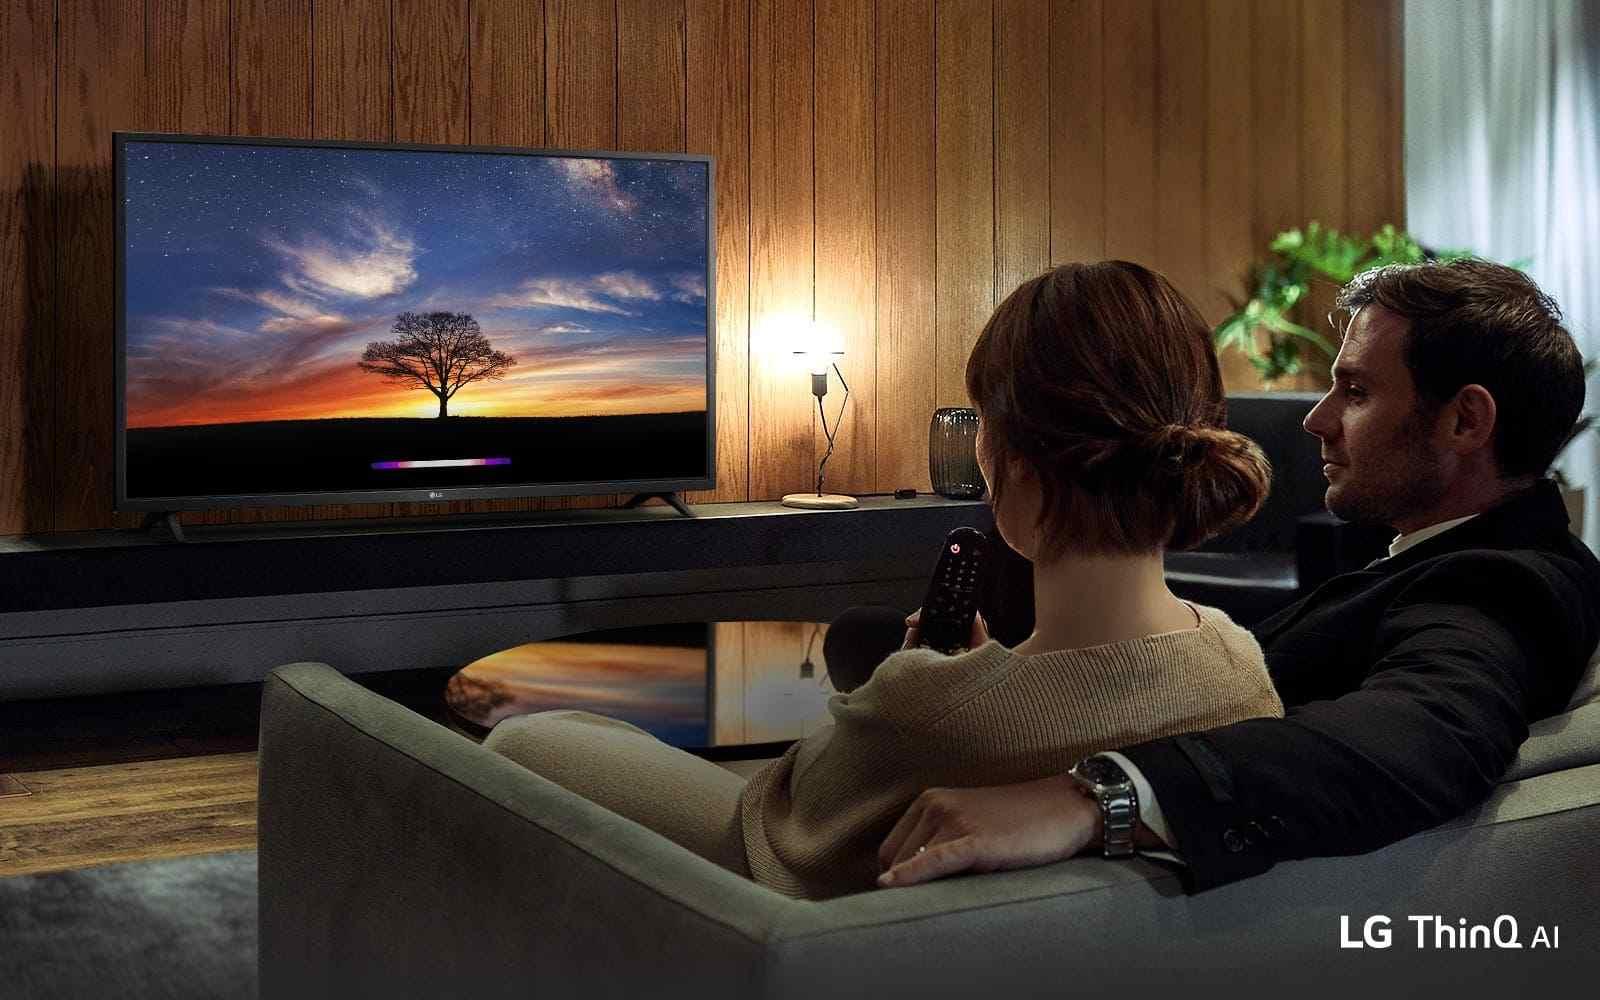 LG Smart LED TV AI